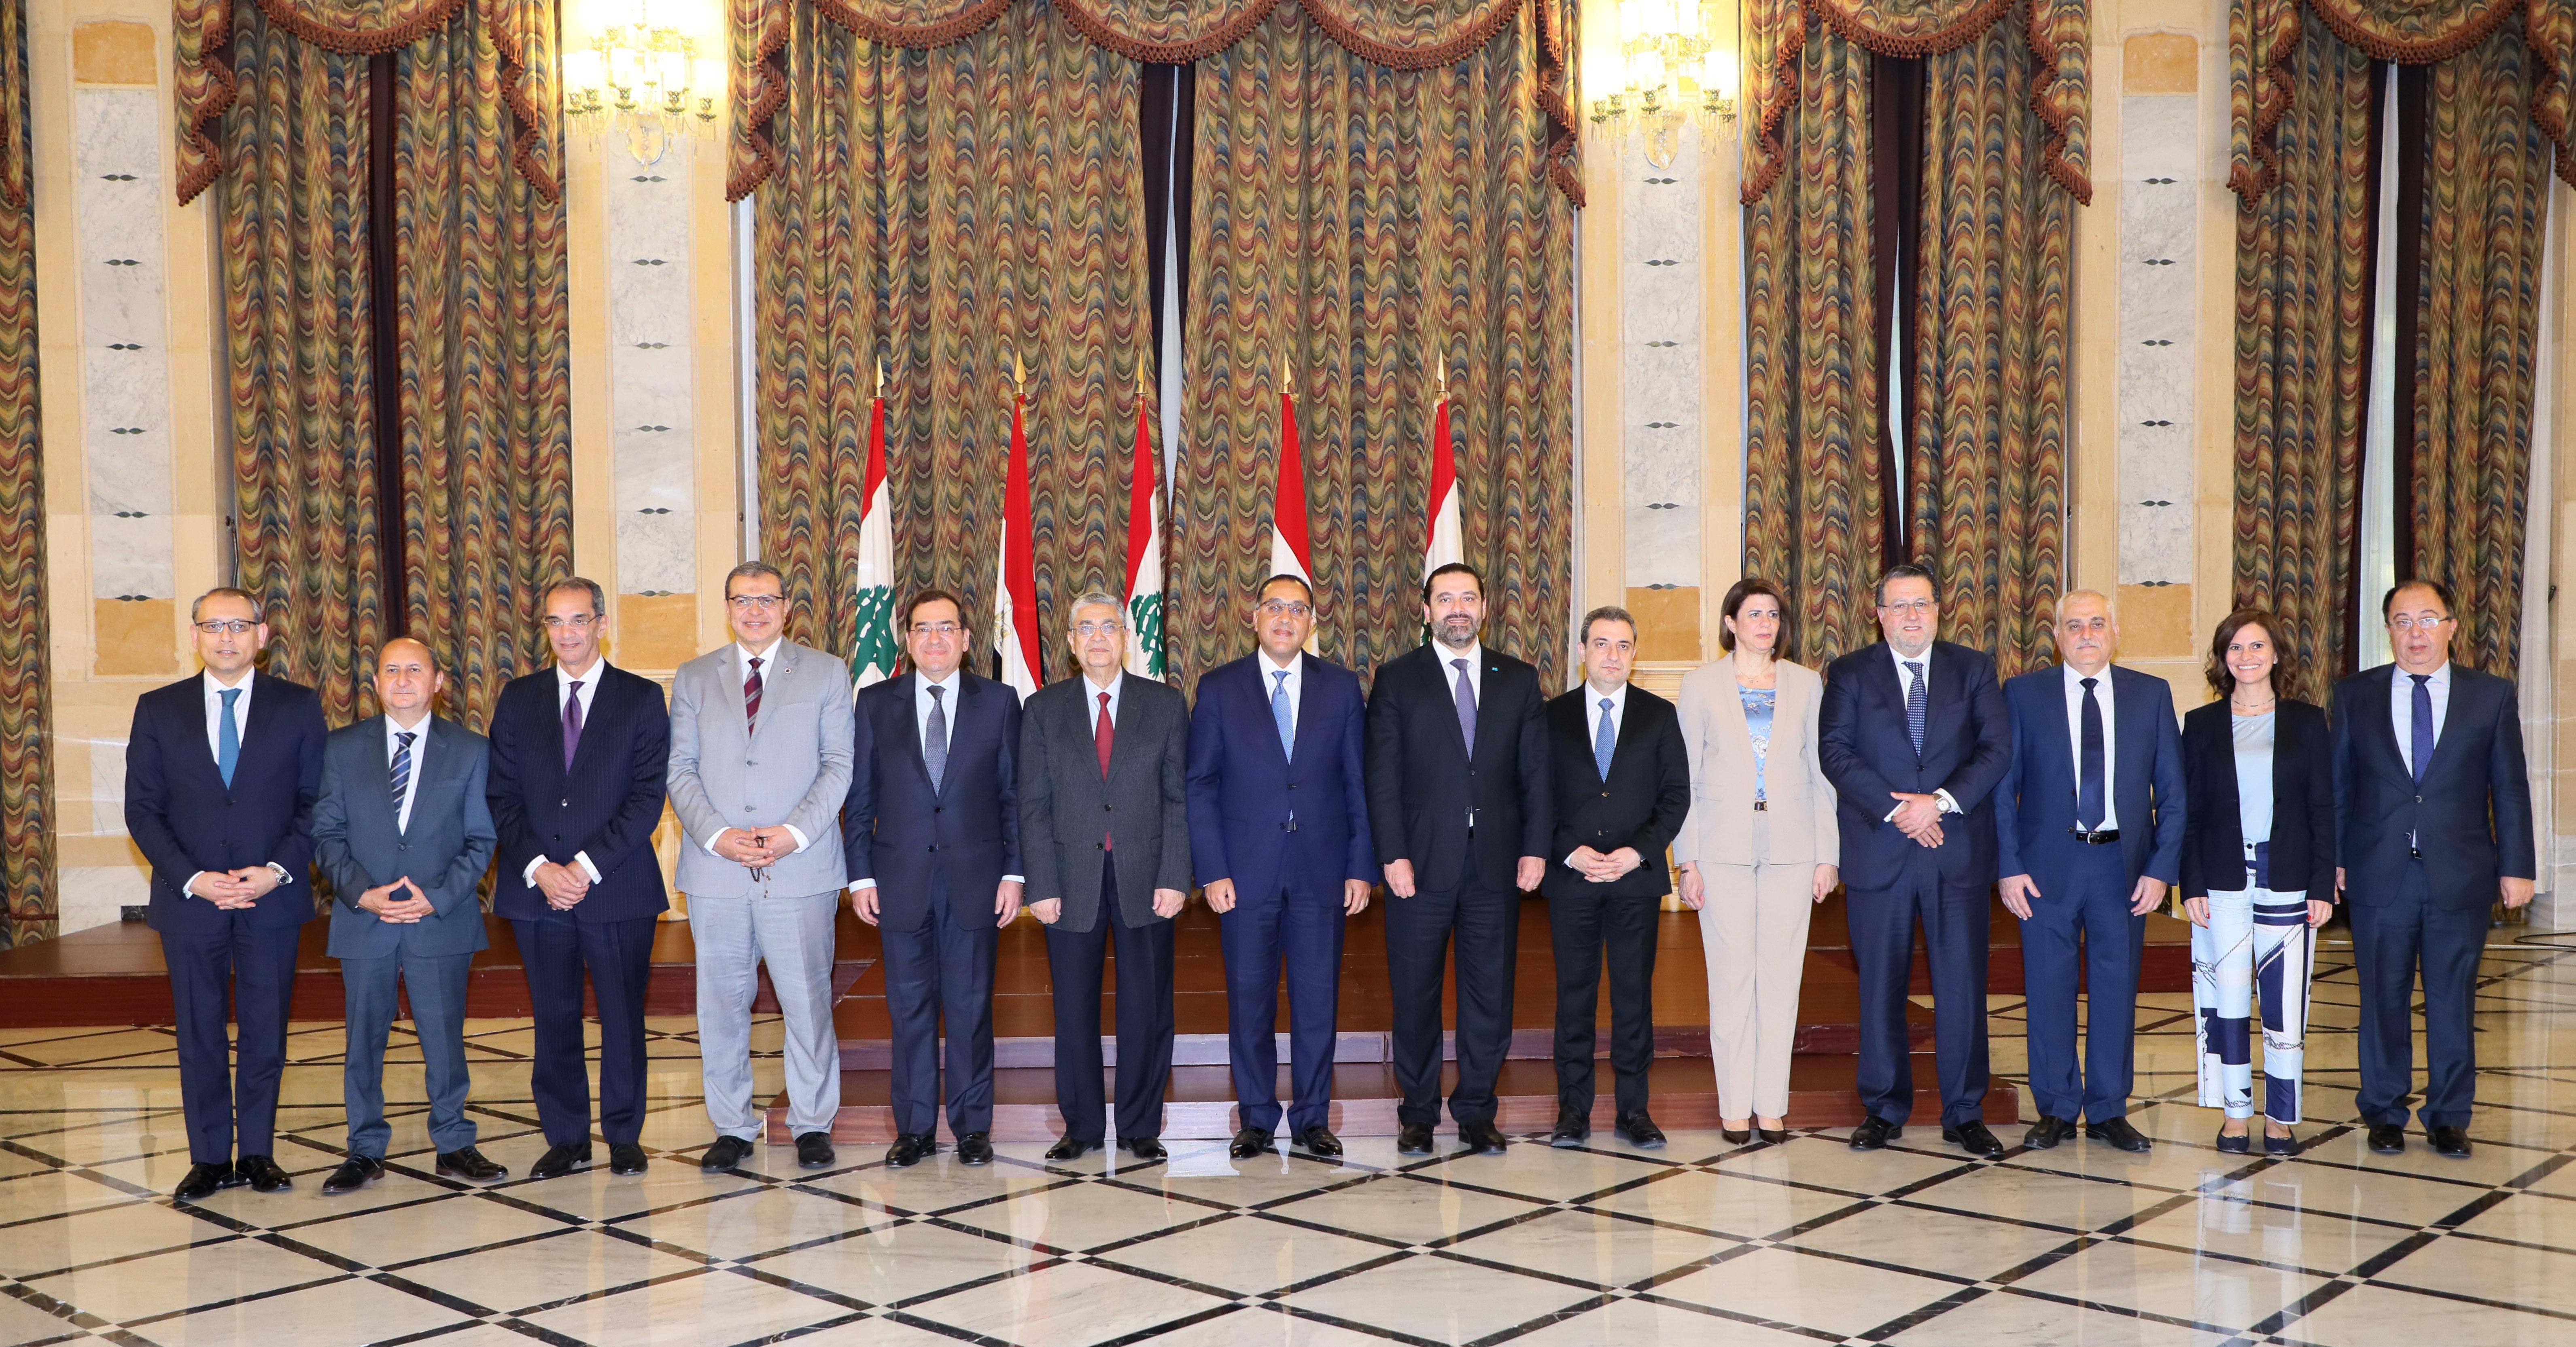 Pr Minister Saad Hariri meets Egyptian Pr Minister